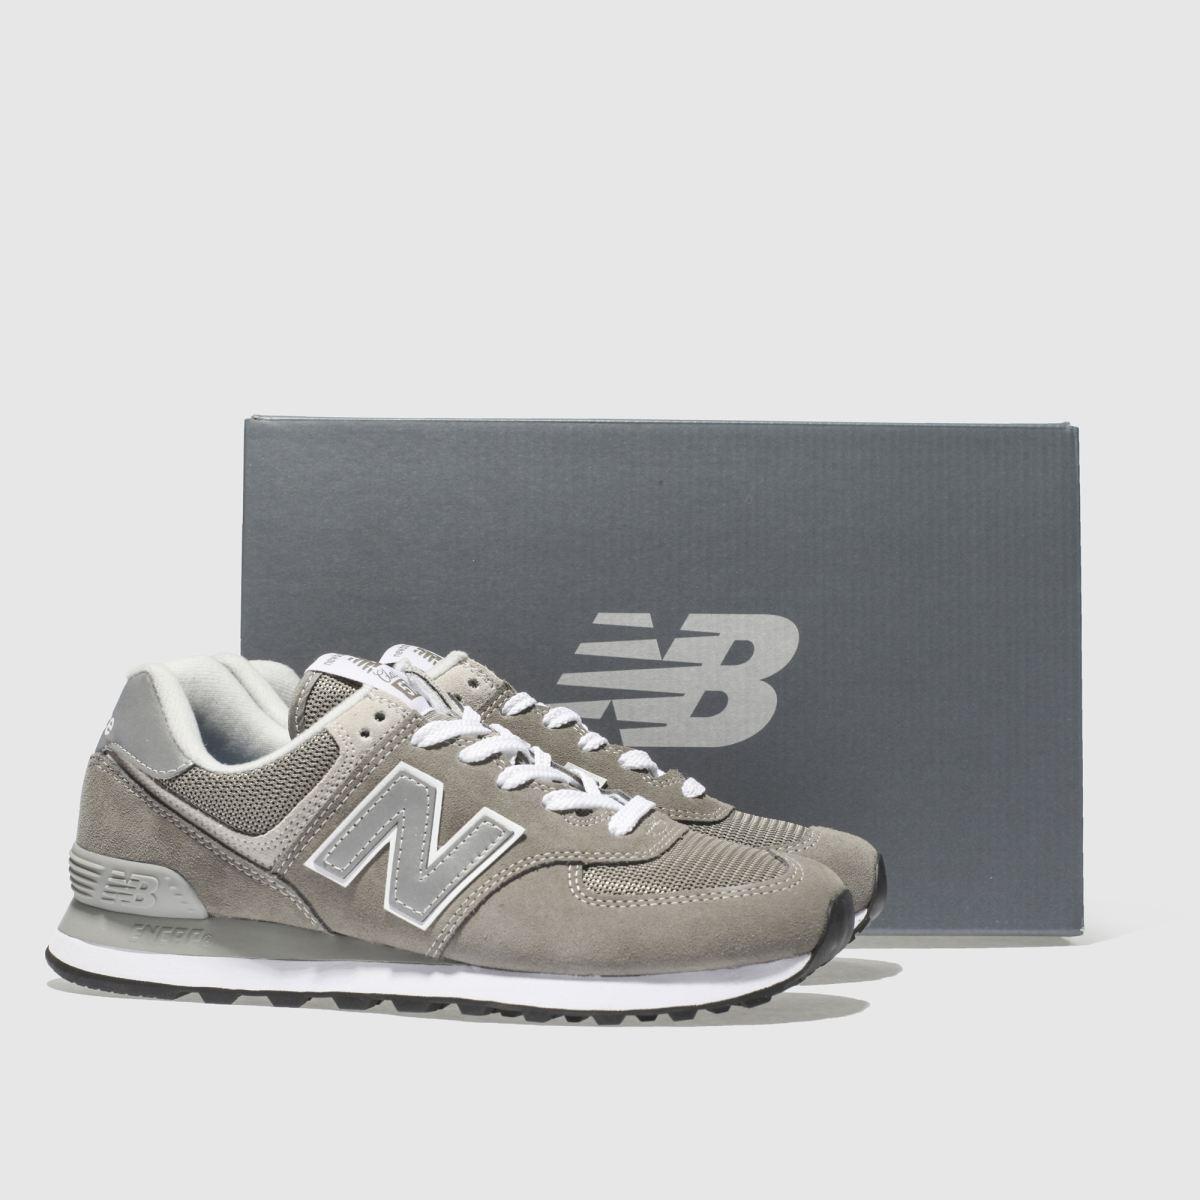 Damen Grau new balance 574 schuh V2 Suede Sneaker | schuh 574 Gute Qualität beliebte Schuhe 3b2910